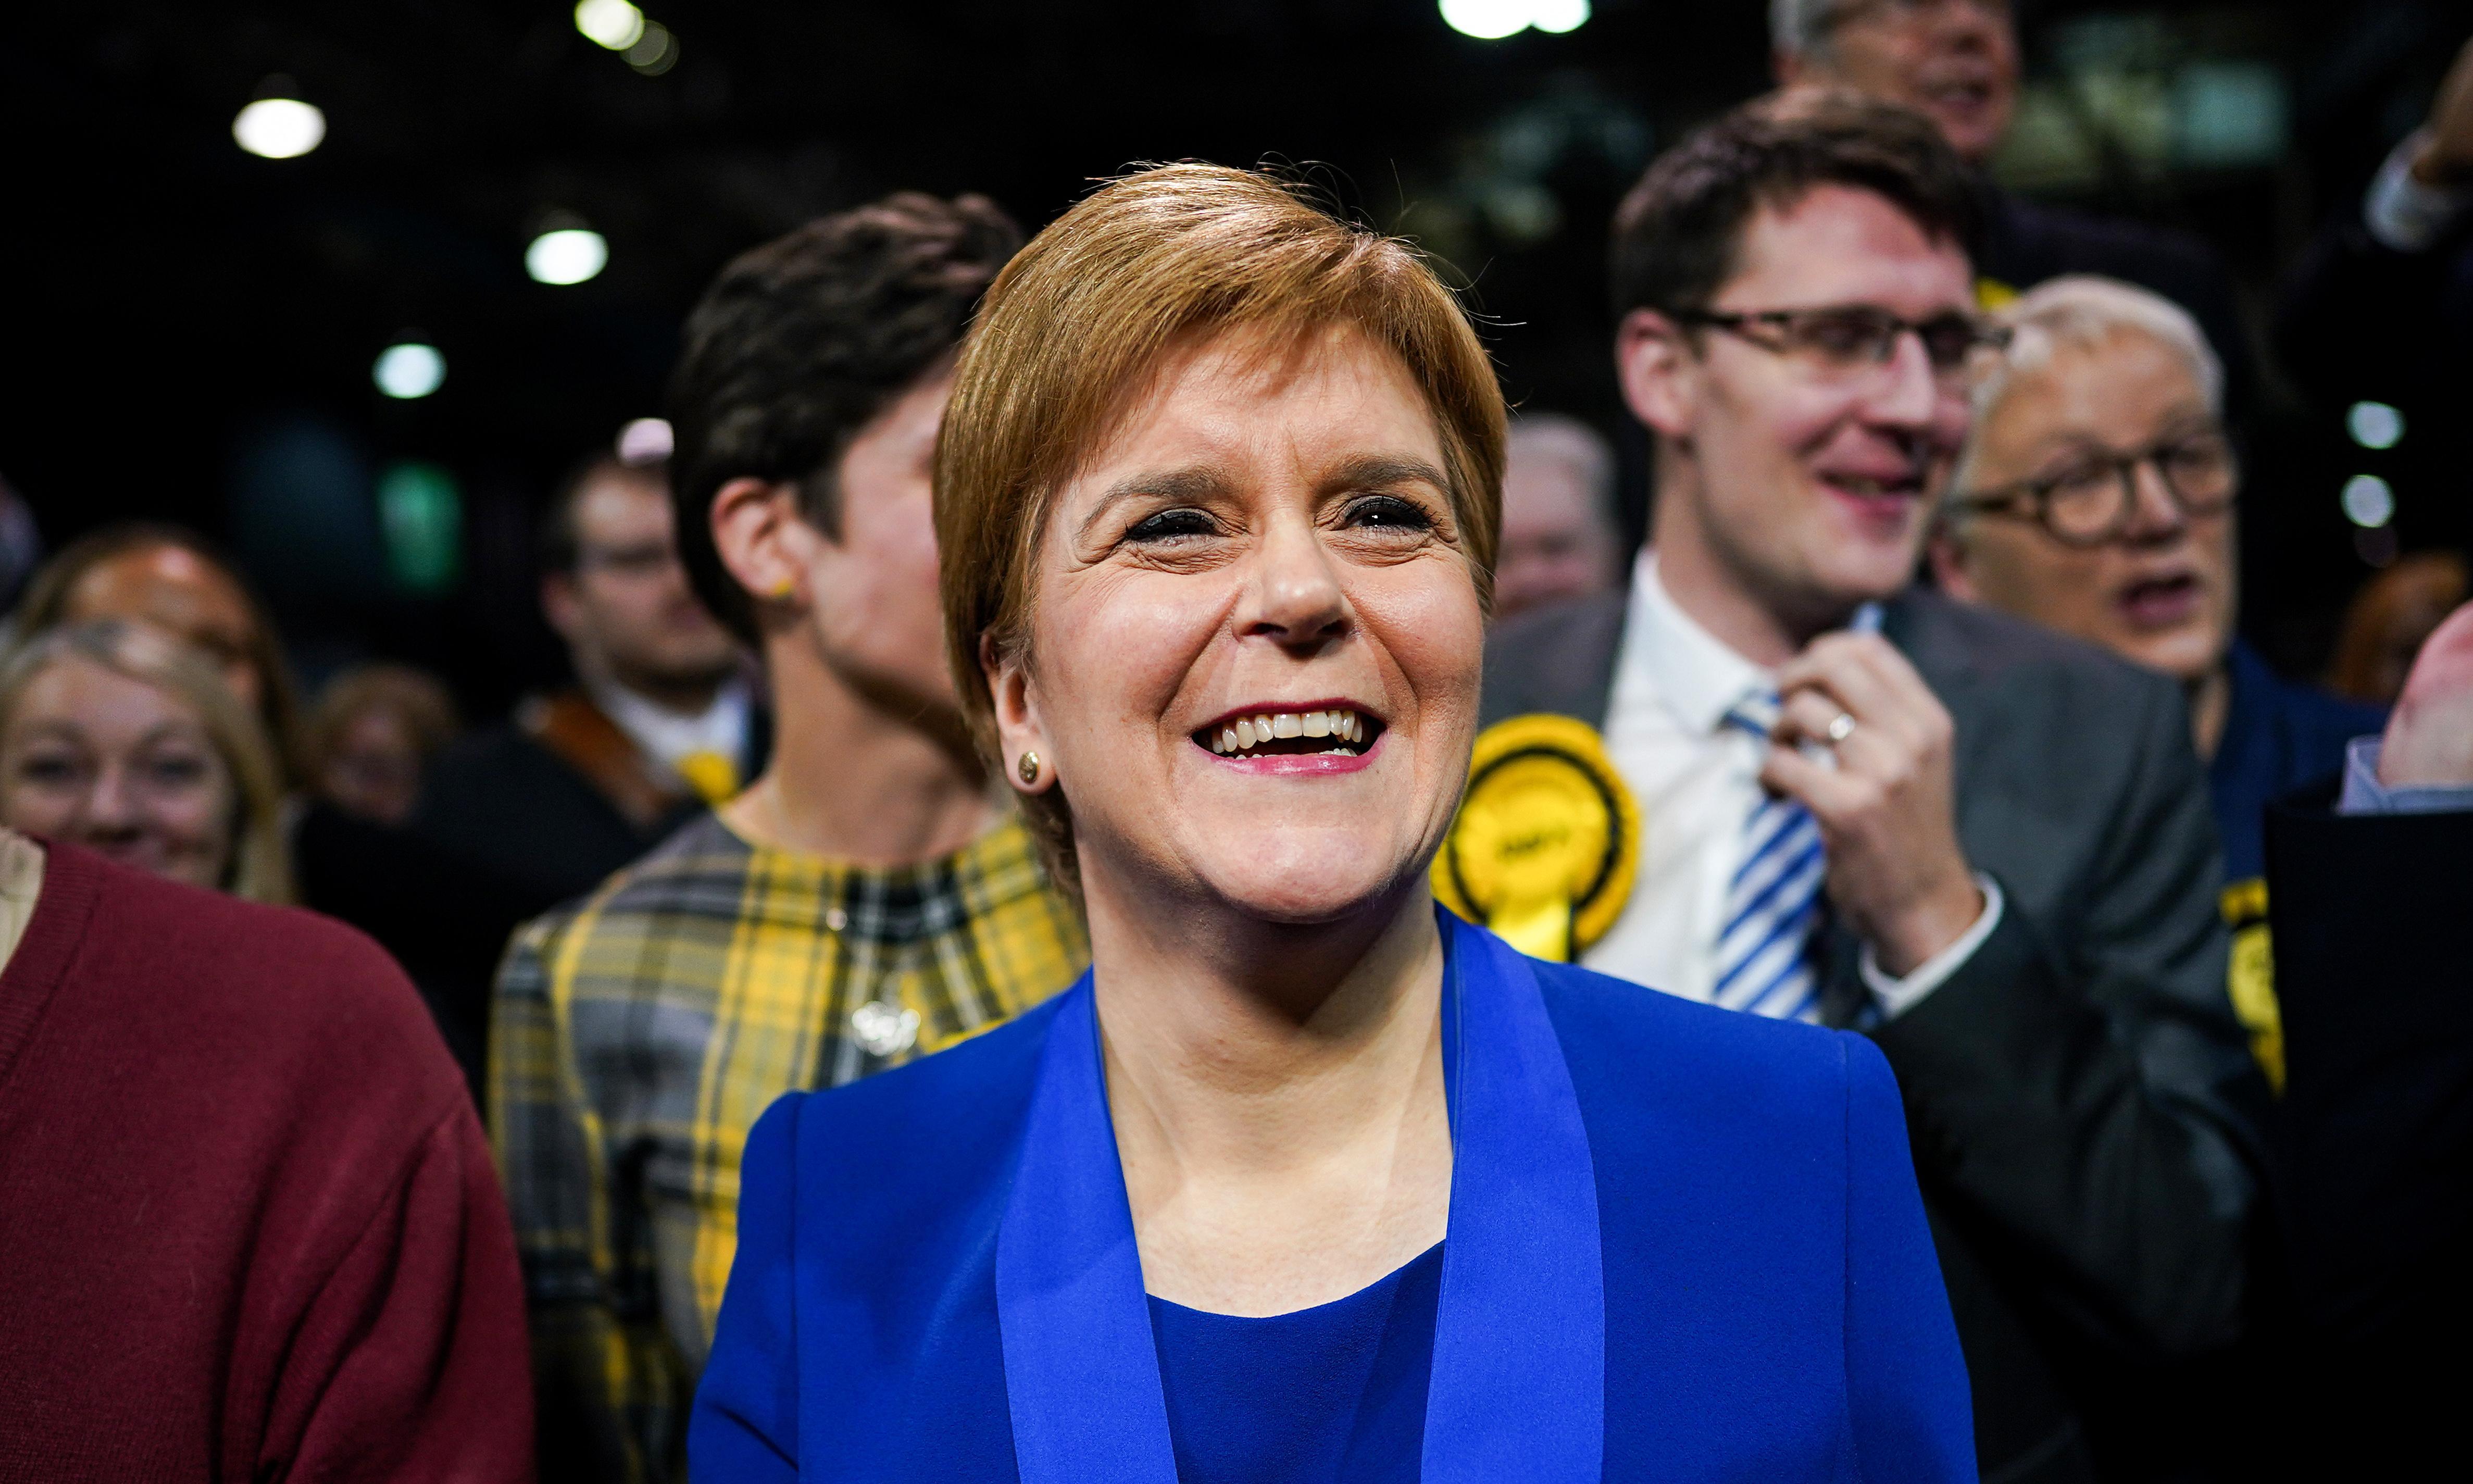 Sturgeon demands Scottish independence referendum powers after SNP landslide